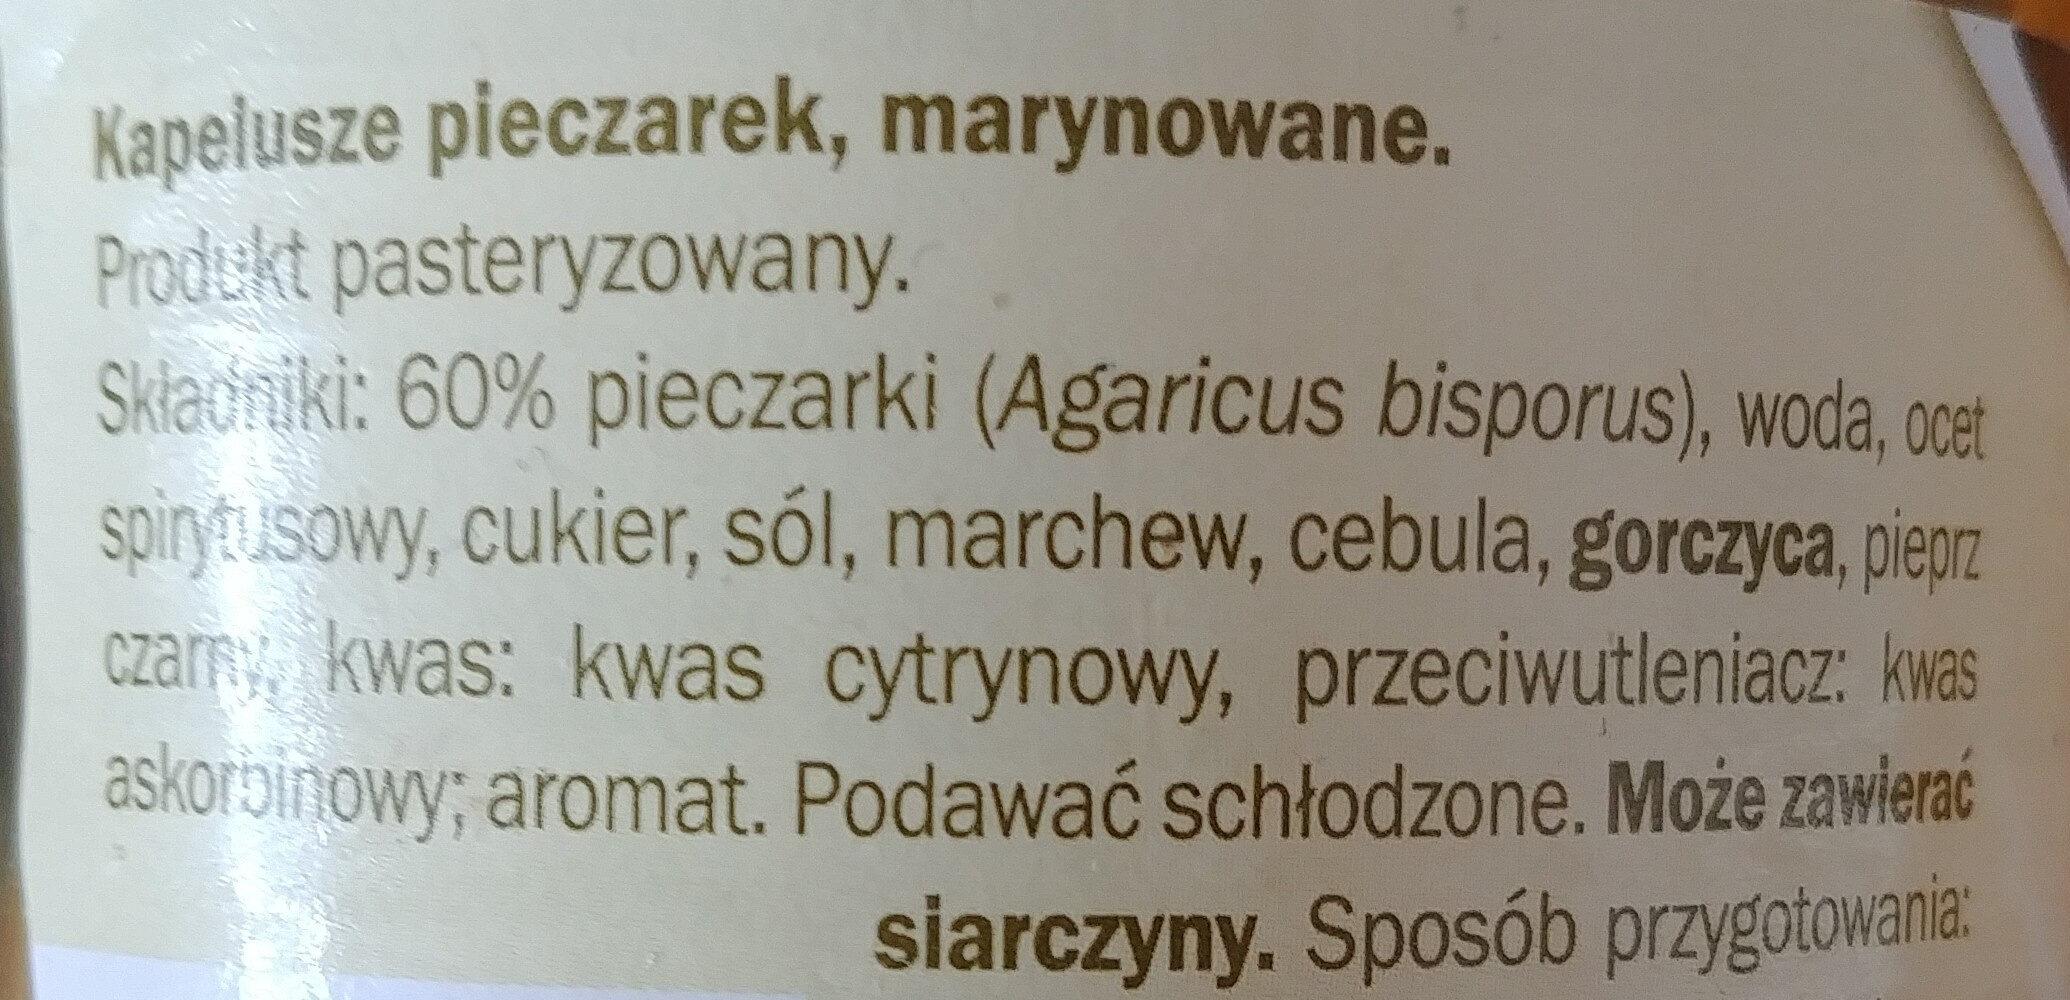 Pieczarki marynowane - Ingrédients - pl